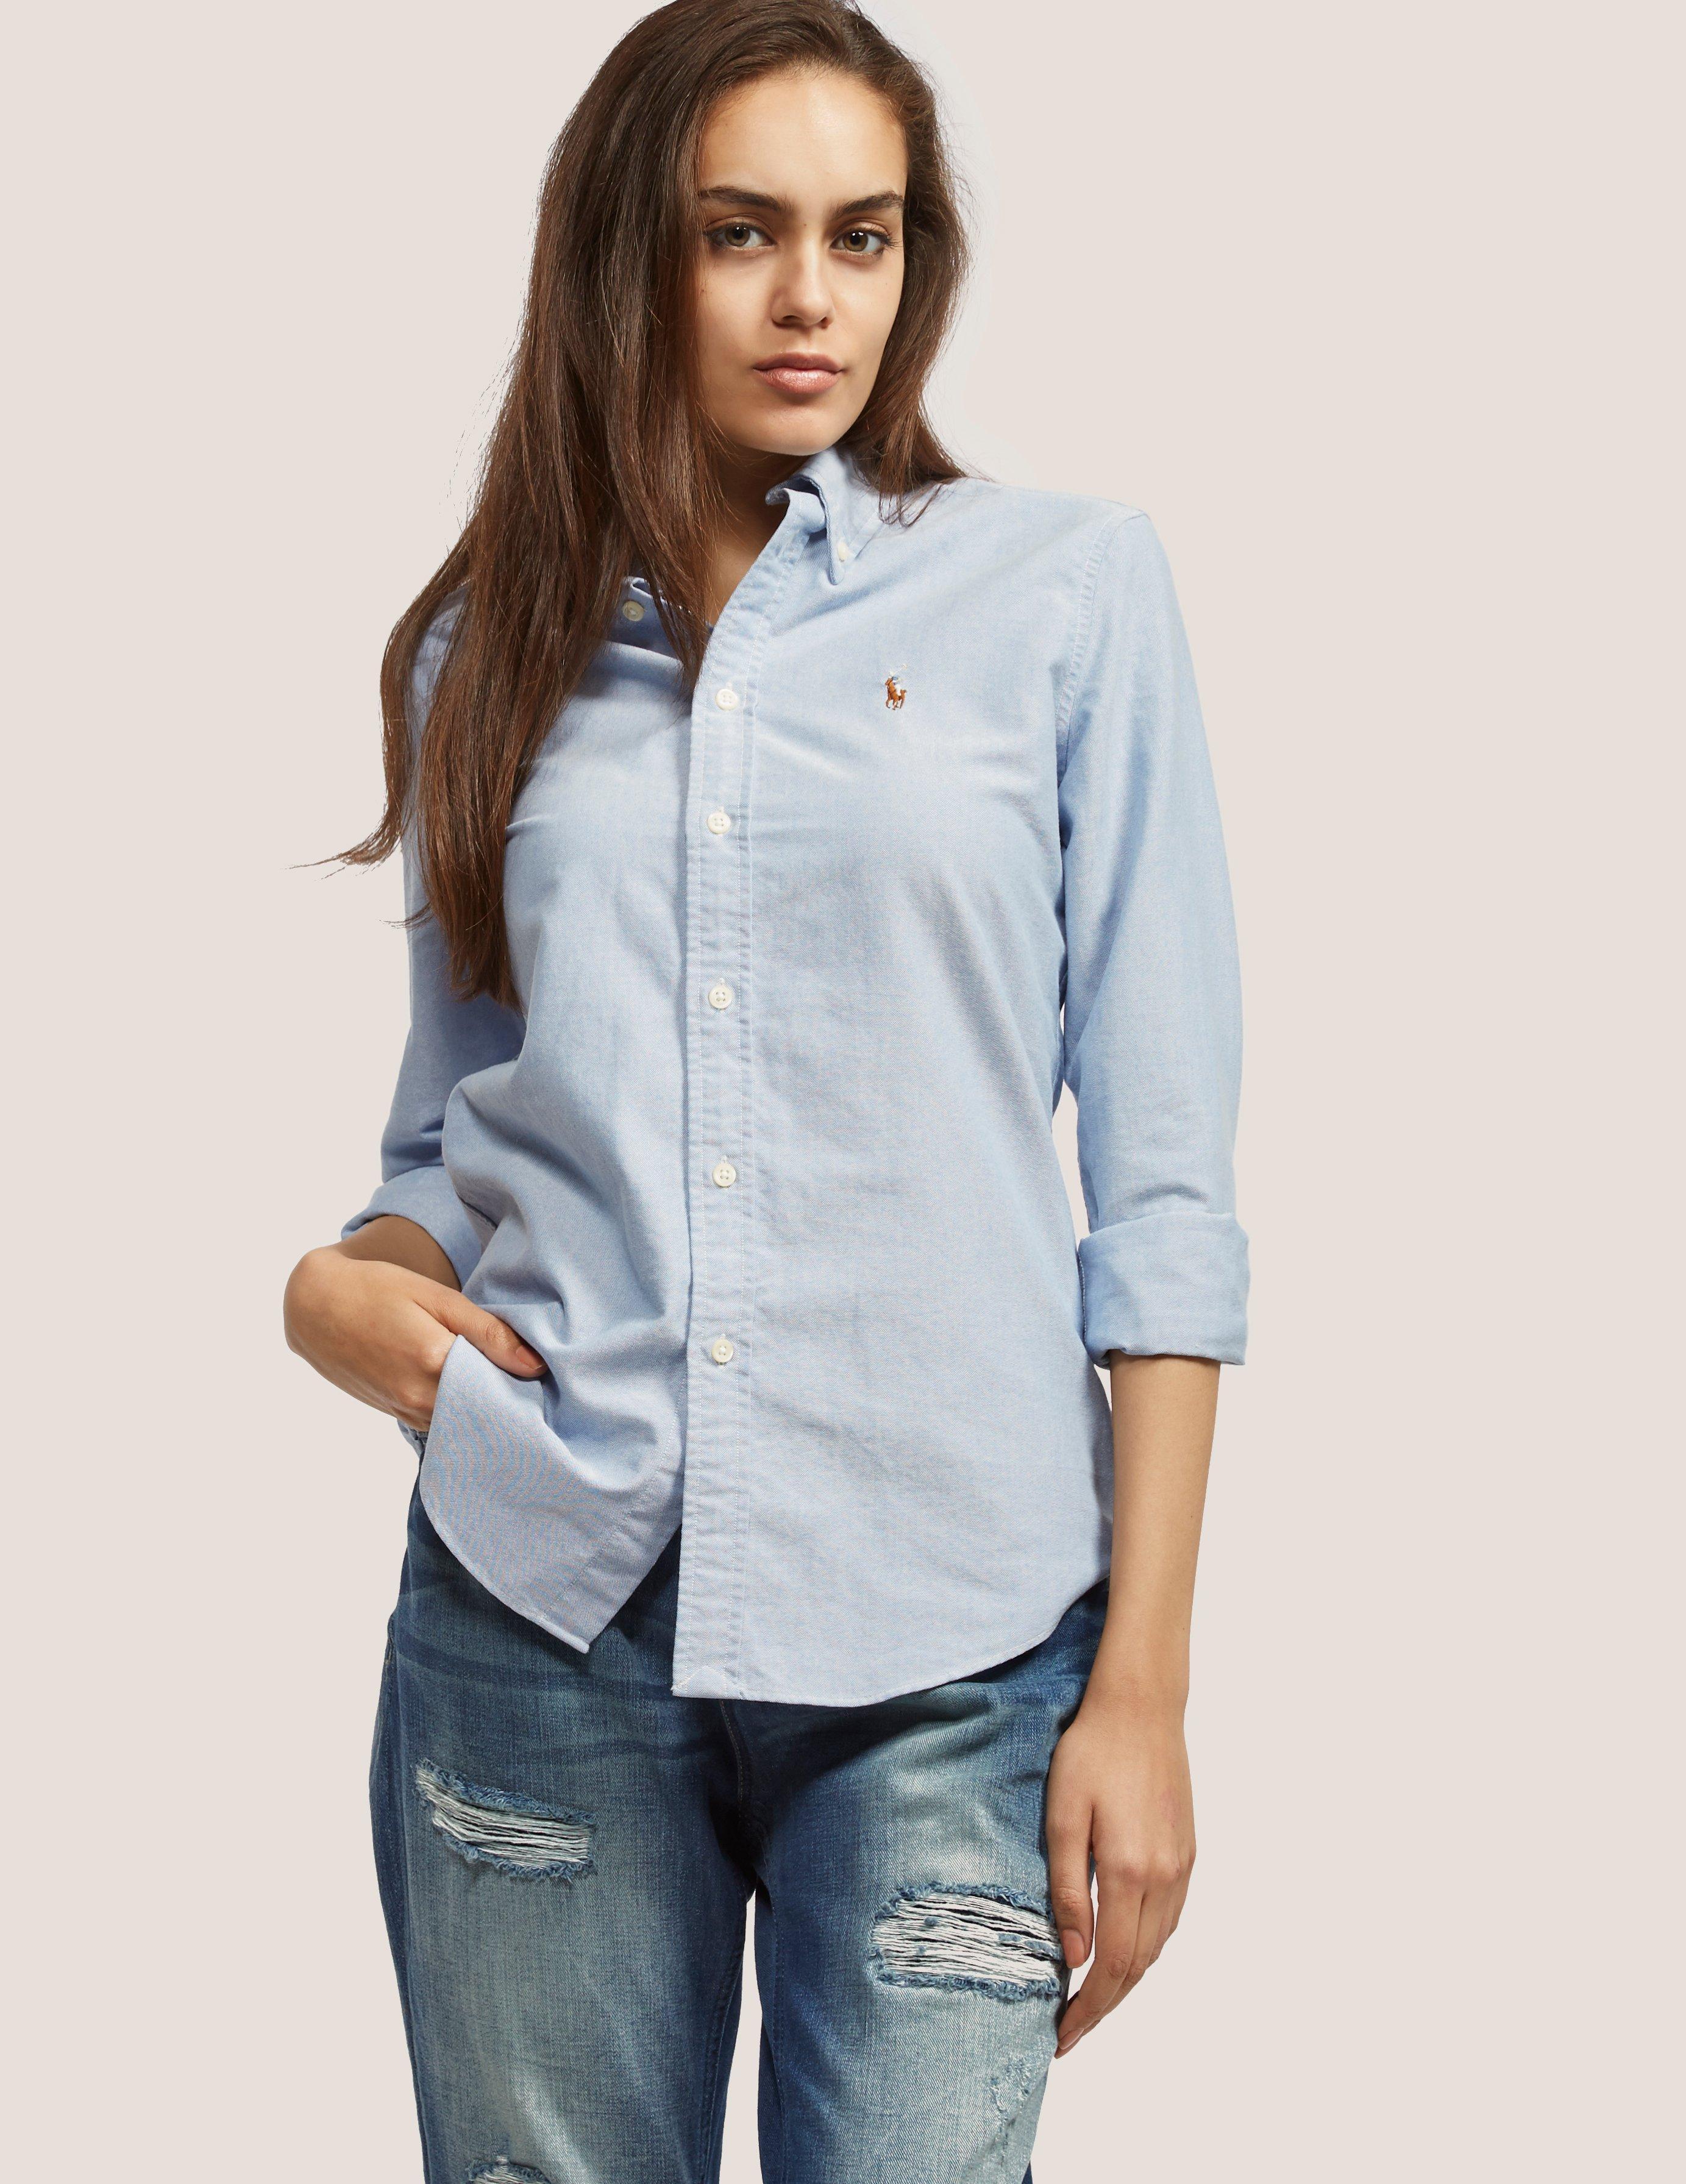 Lyst - Polo Ralph Lauren Harper Shirt in Blue 66bbe28d77c2